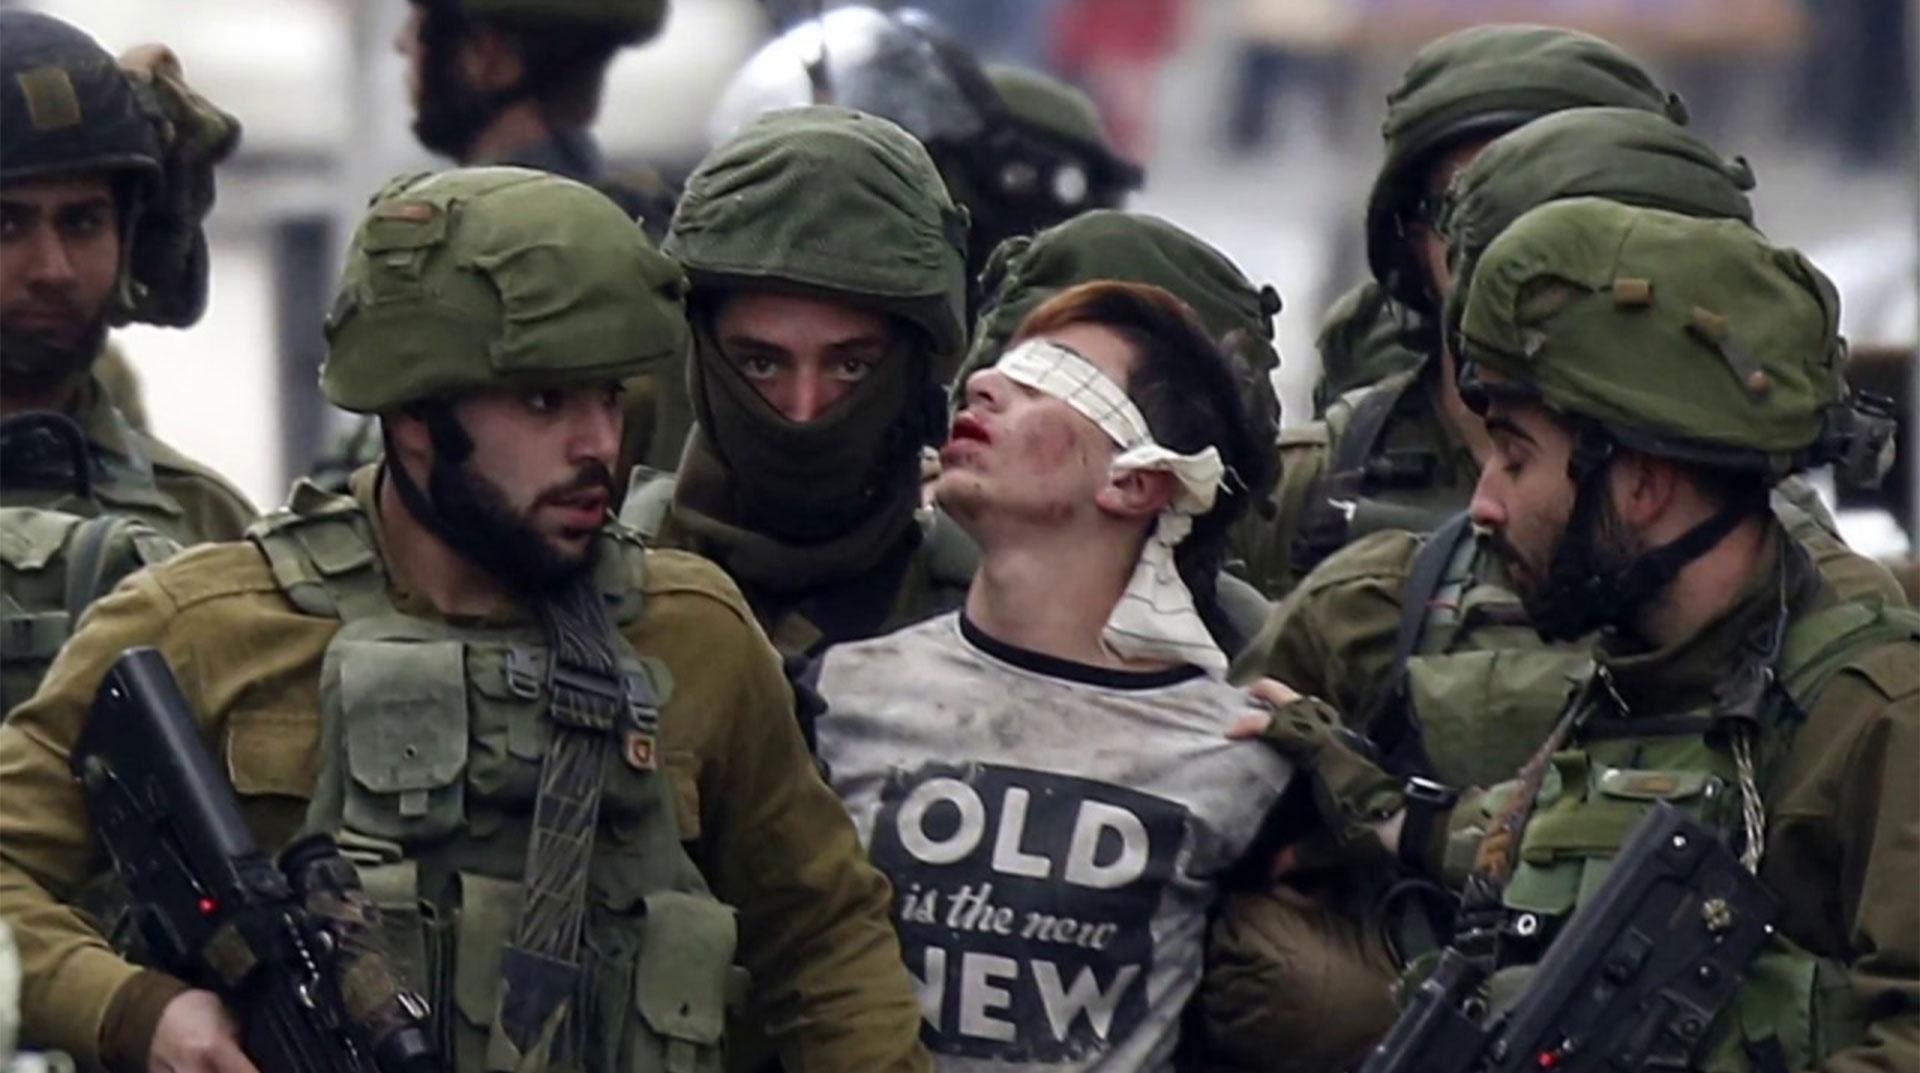 İşgal Yönetimi 50 Bin Filistinli Çocuğu Gözaltına Aldı